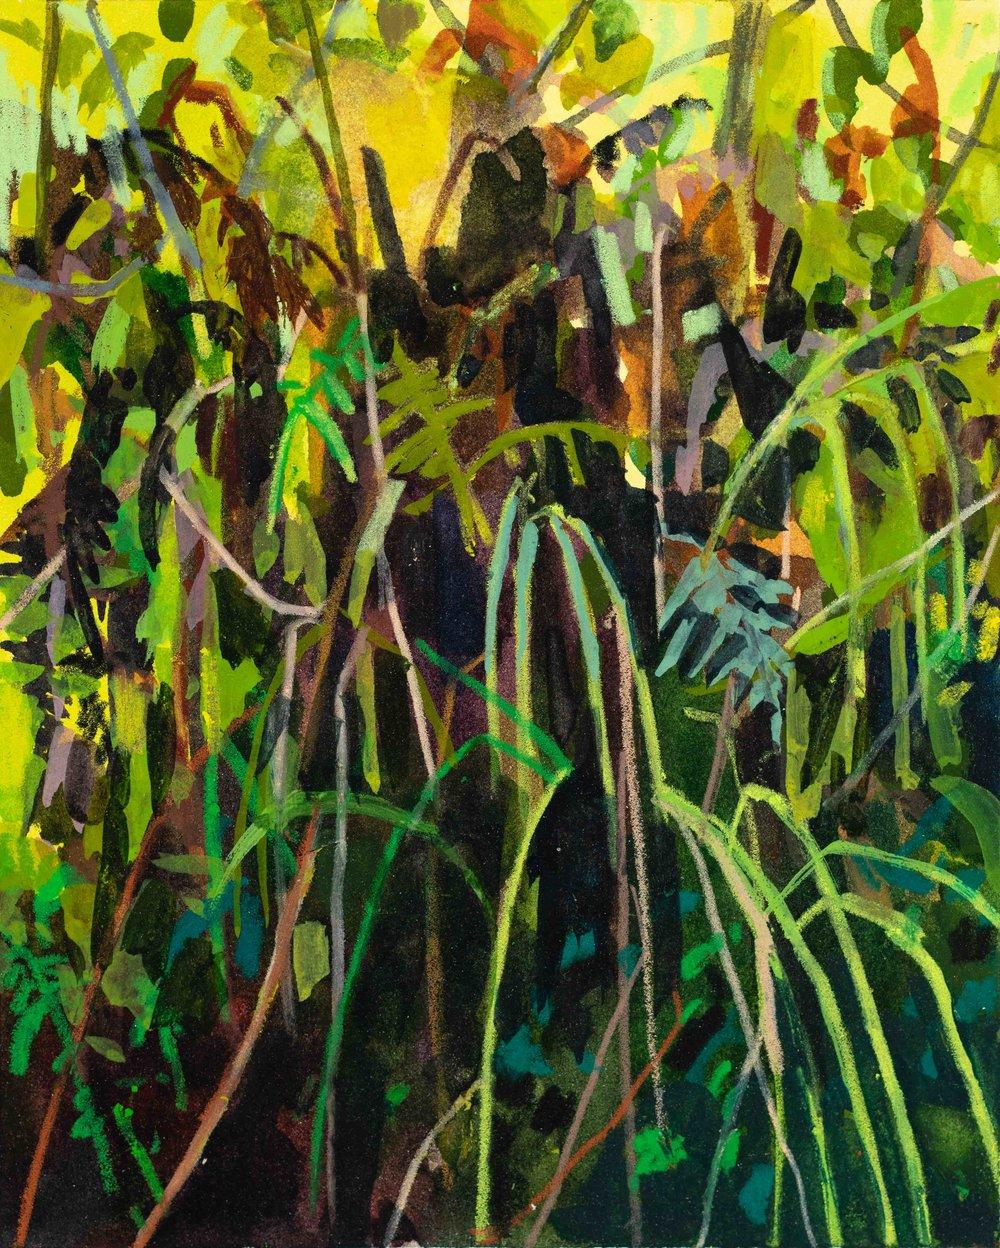 Grass and Ferns, 2019